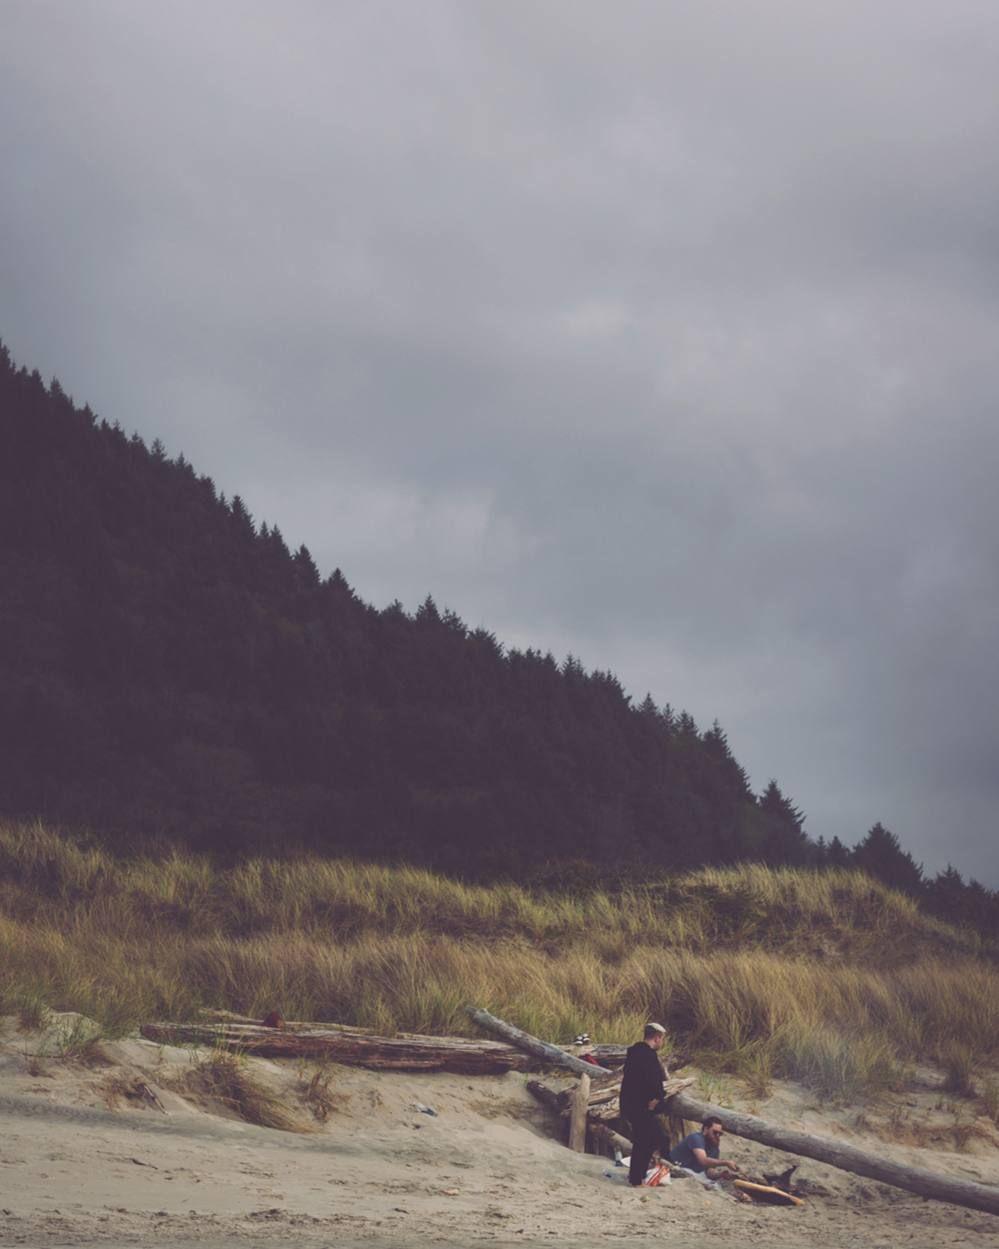 Beach bums  by robinlovesrain